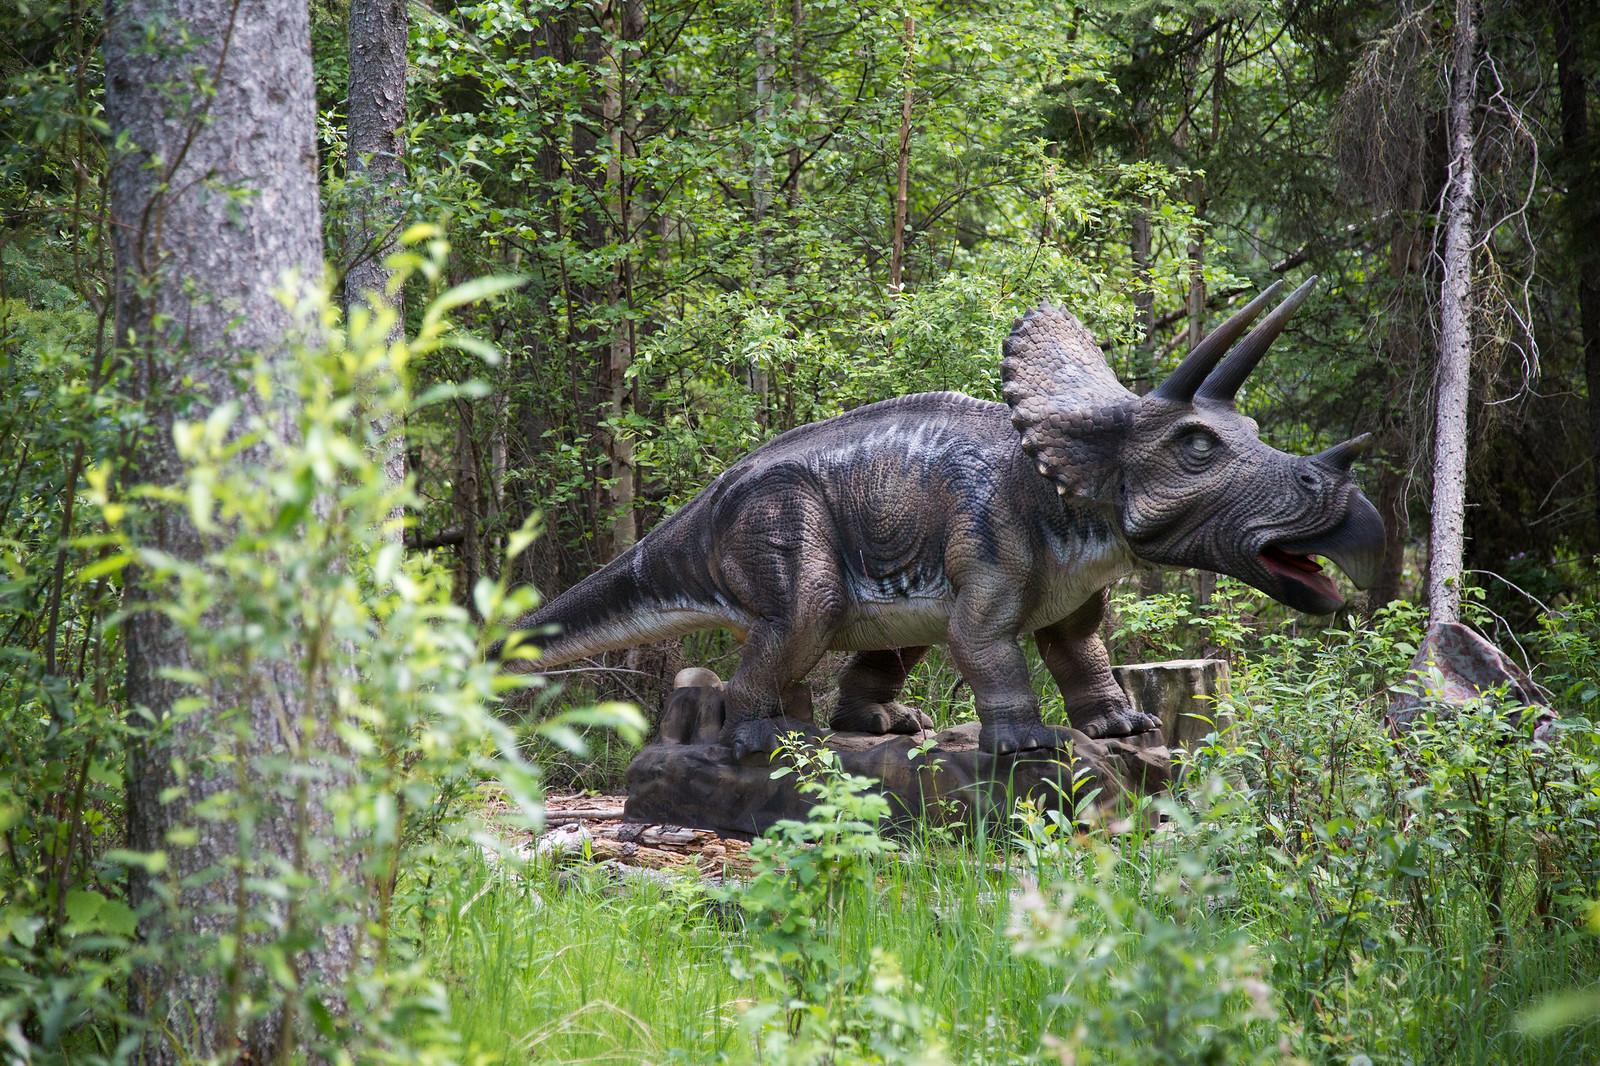 2015-06-19 Jurassic Forest-8925.jpg